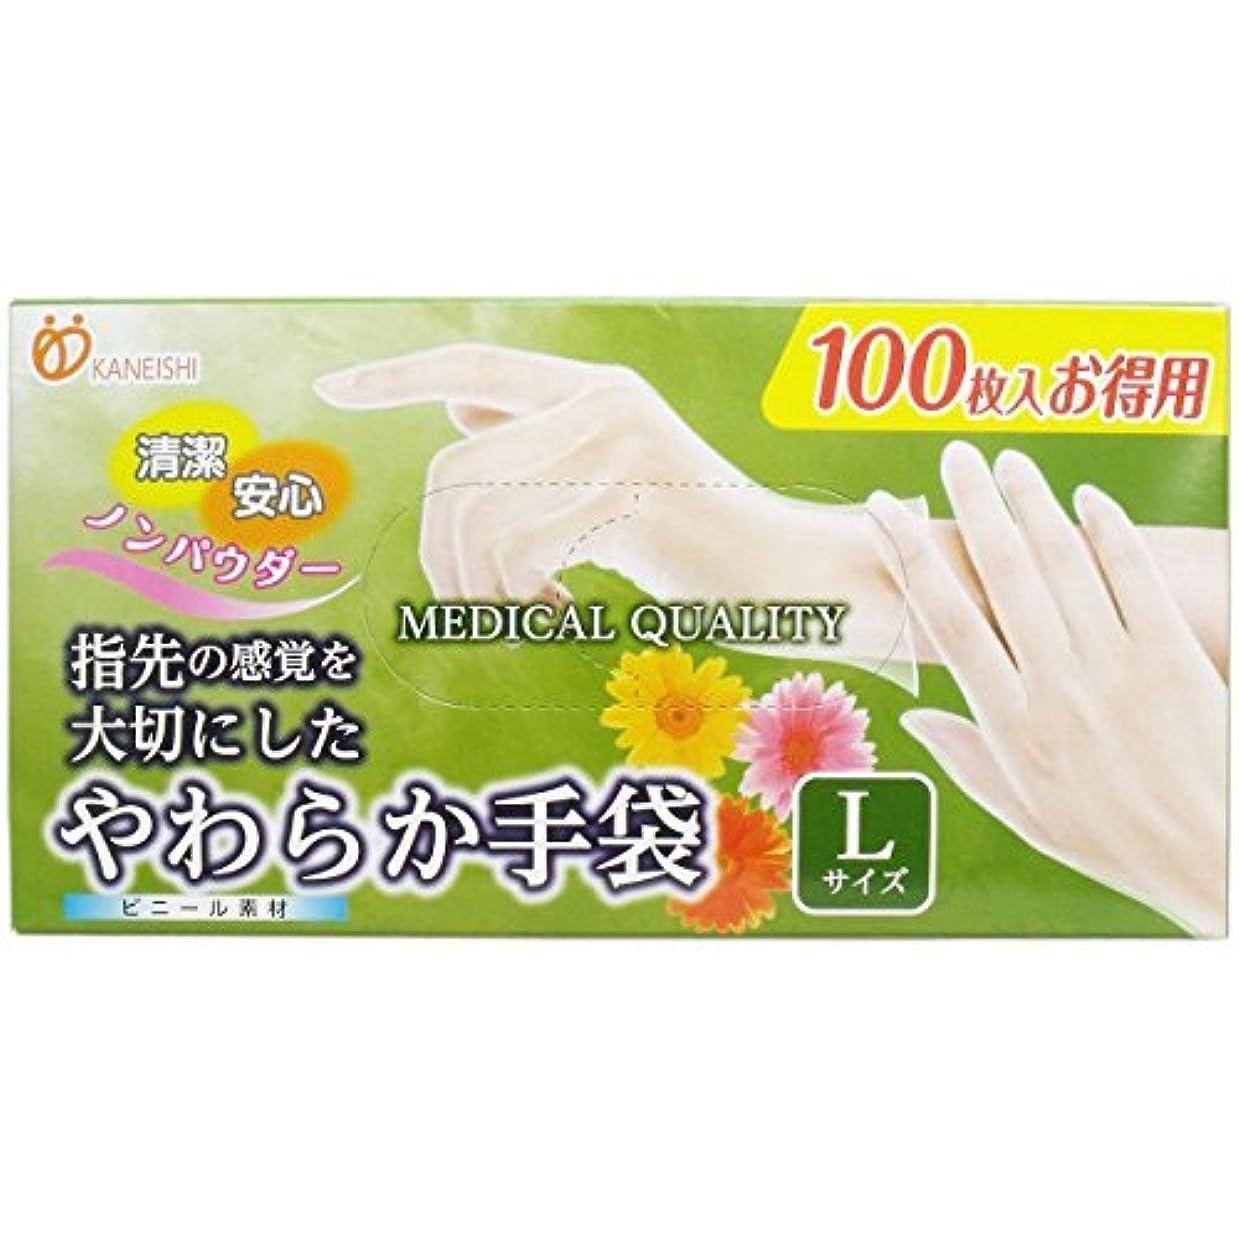 である最も比較やわらか手袋 ビニール素材 Lサイズ 100枚入x7